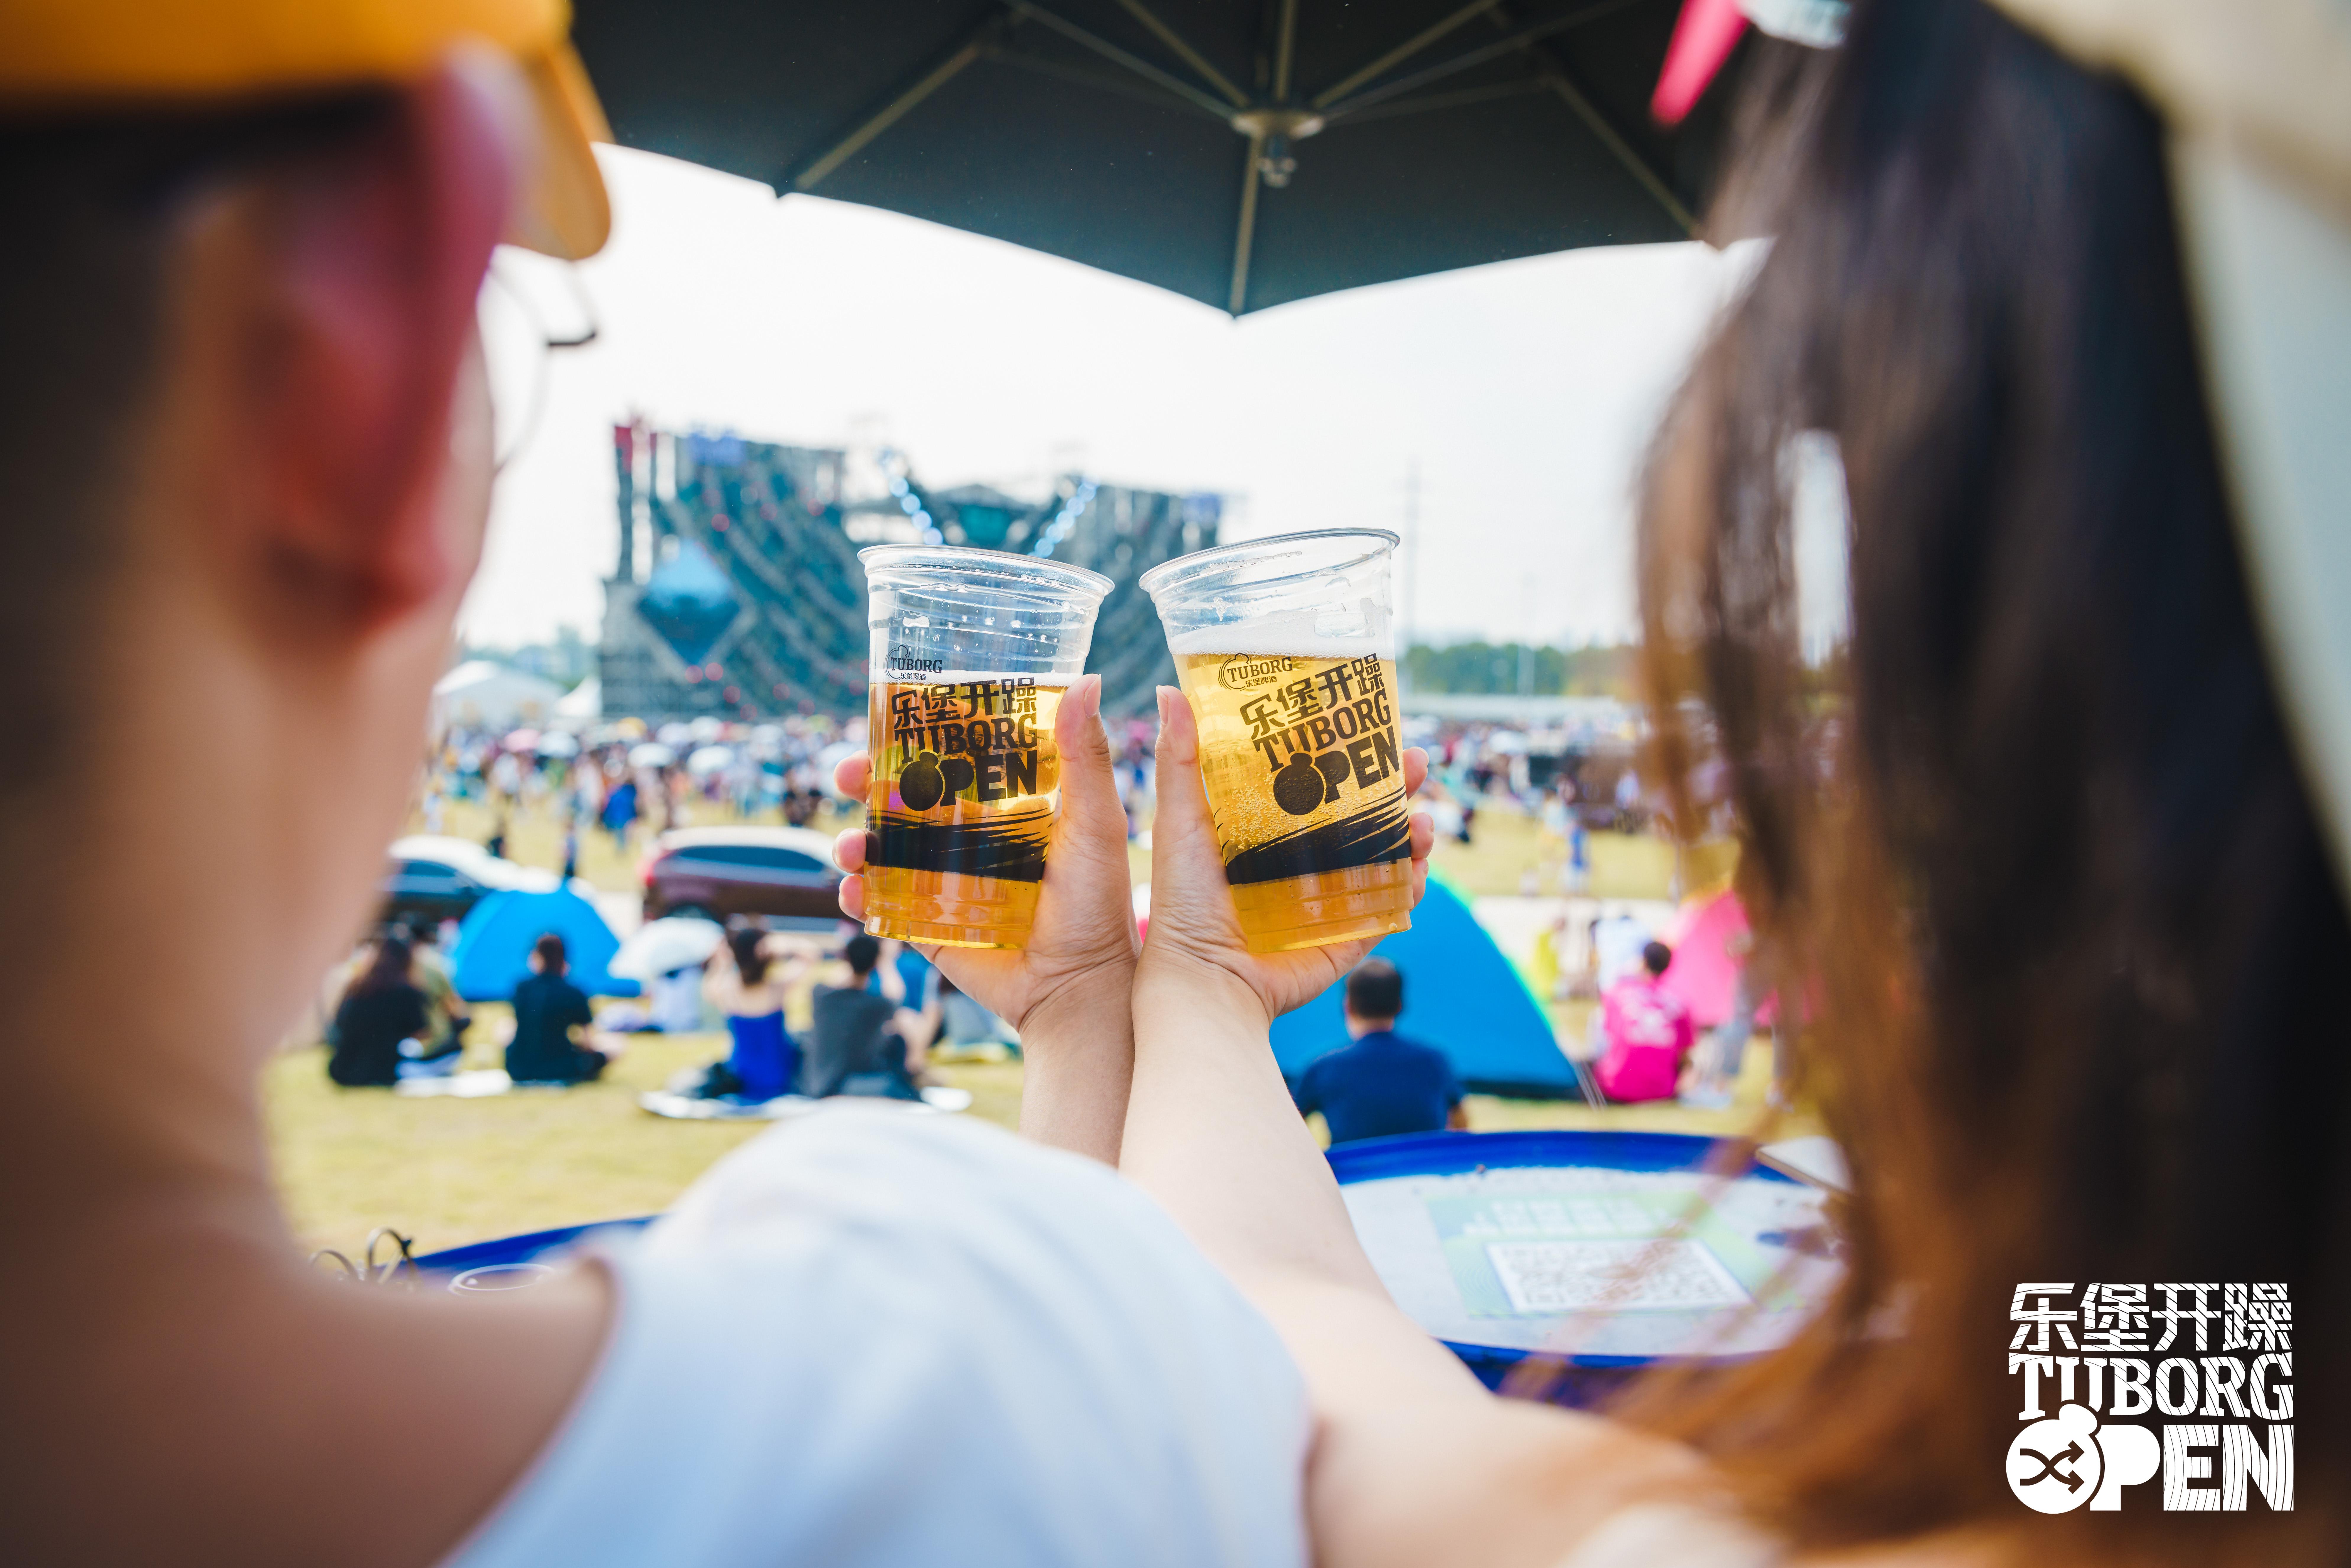 乐堡啤酒首降南京森林音乐狂欢节,开躁风暴席卷东部